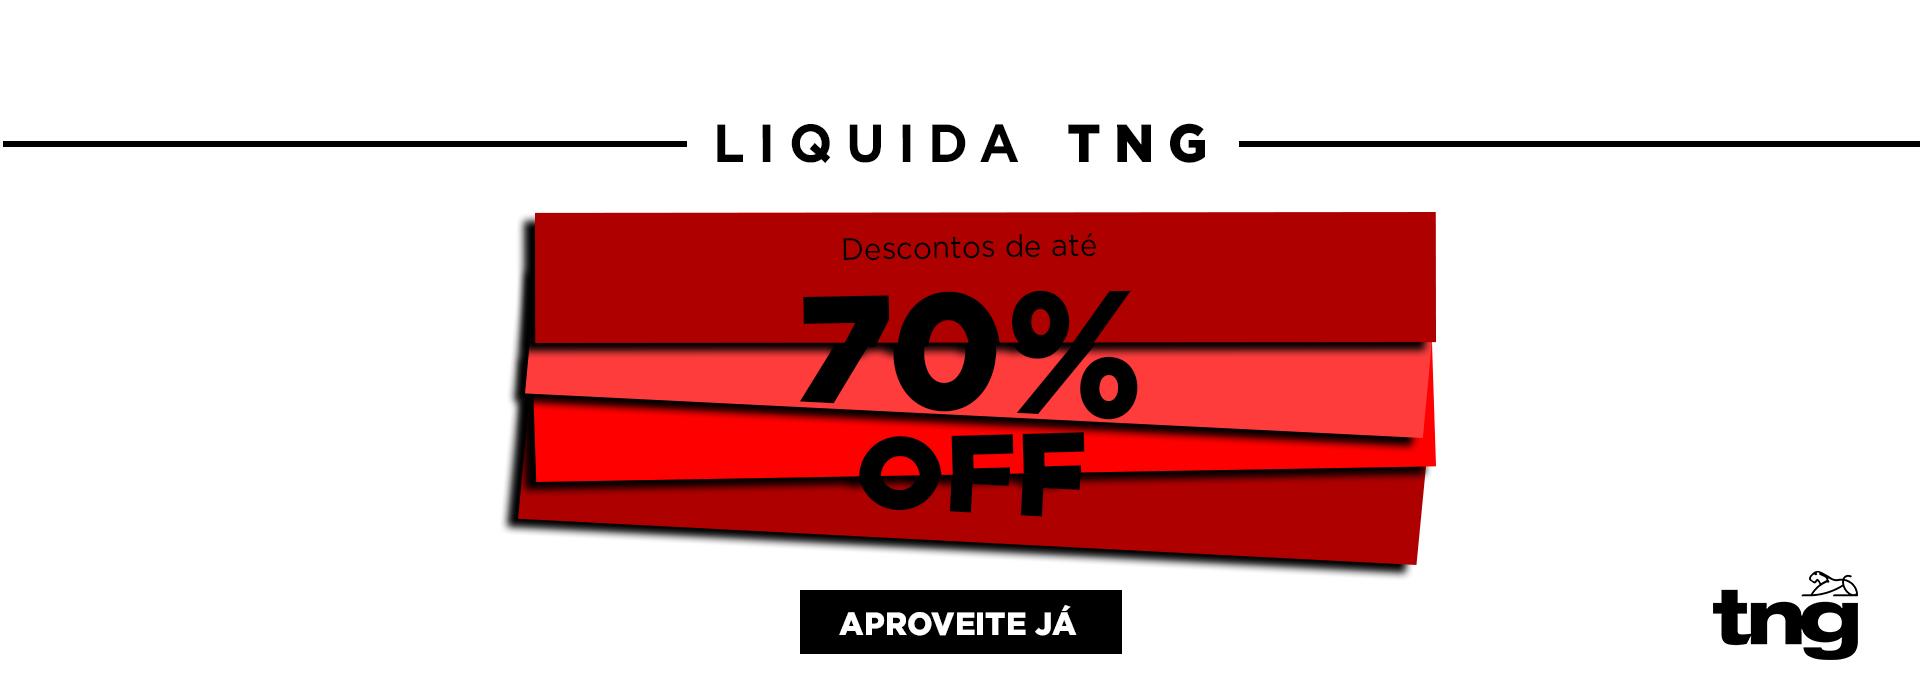 LIQUIDA 70% OFF